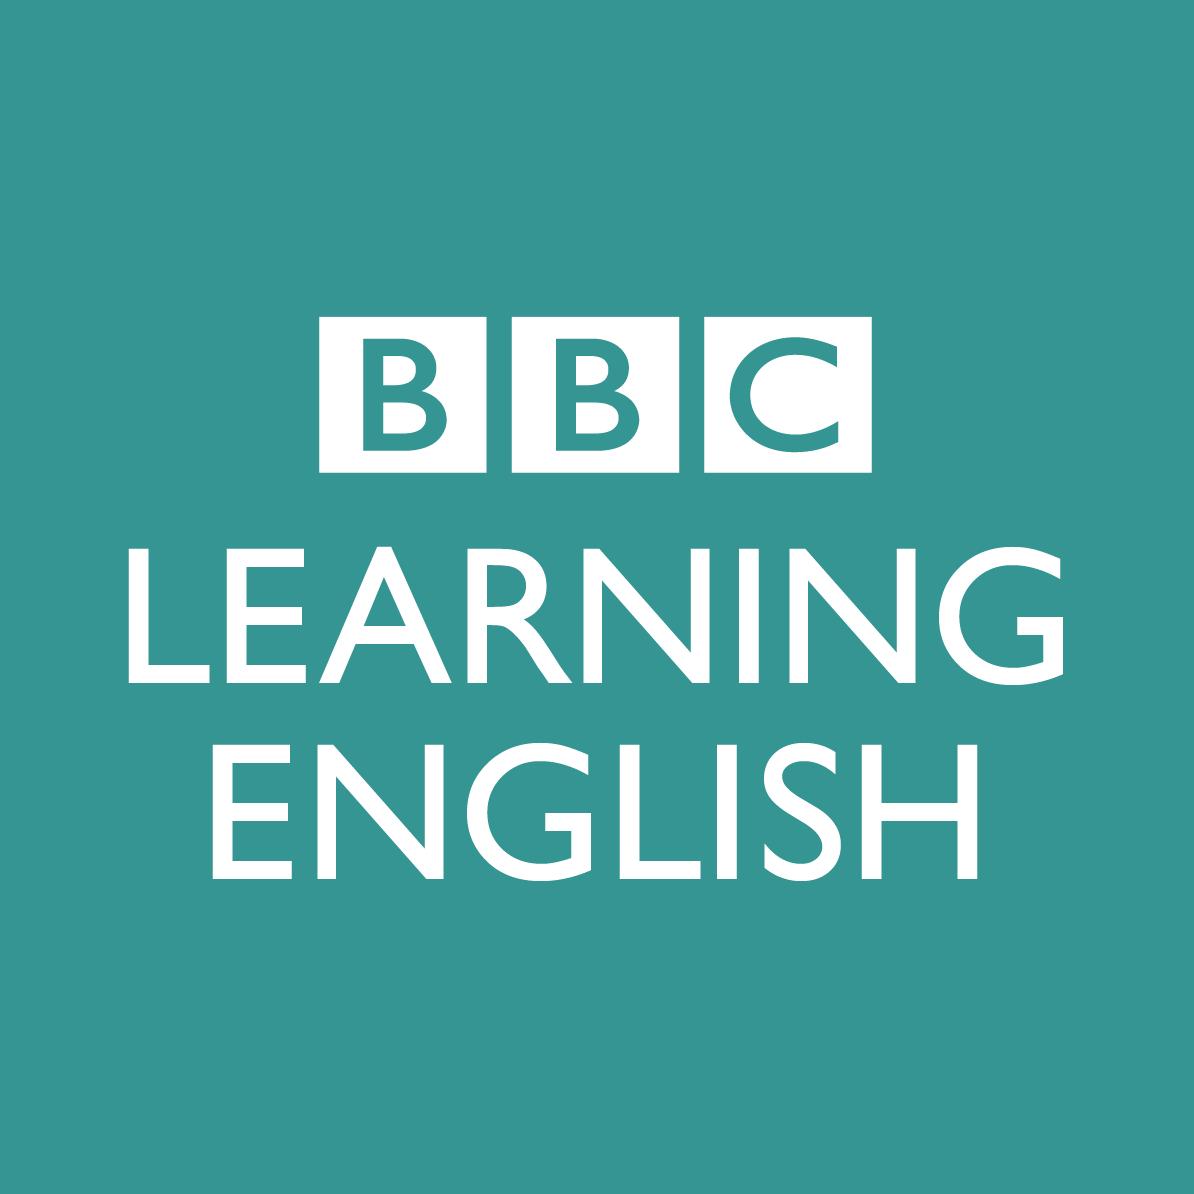 Aprende inglés gratis con la BBC, todos los niveles.